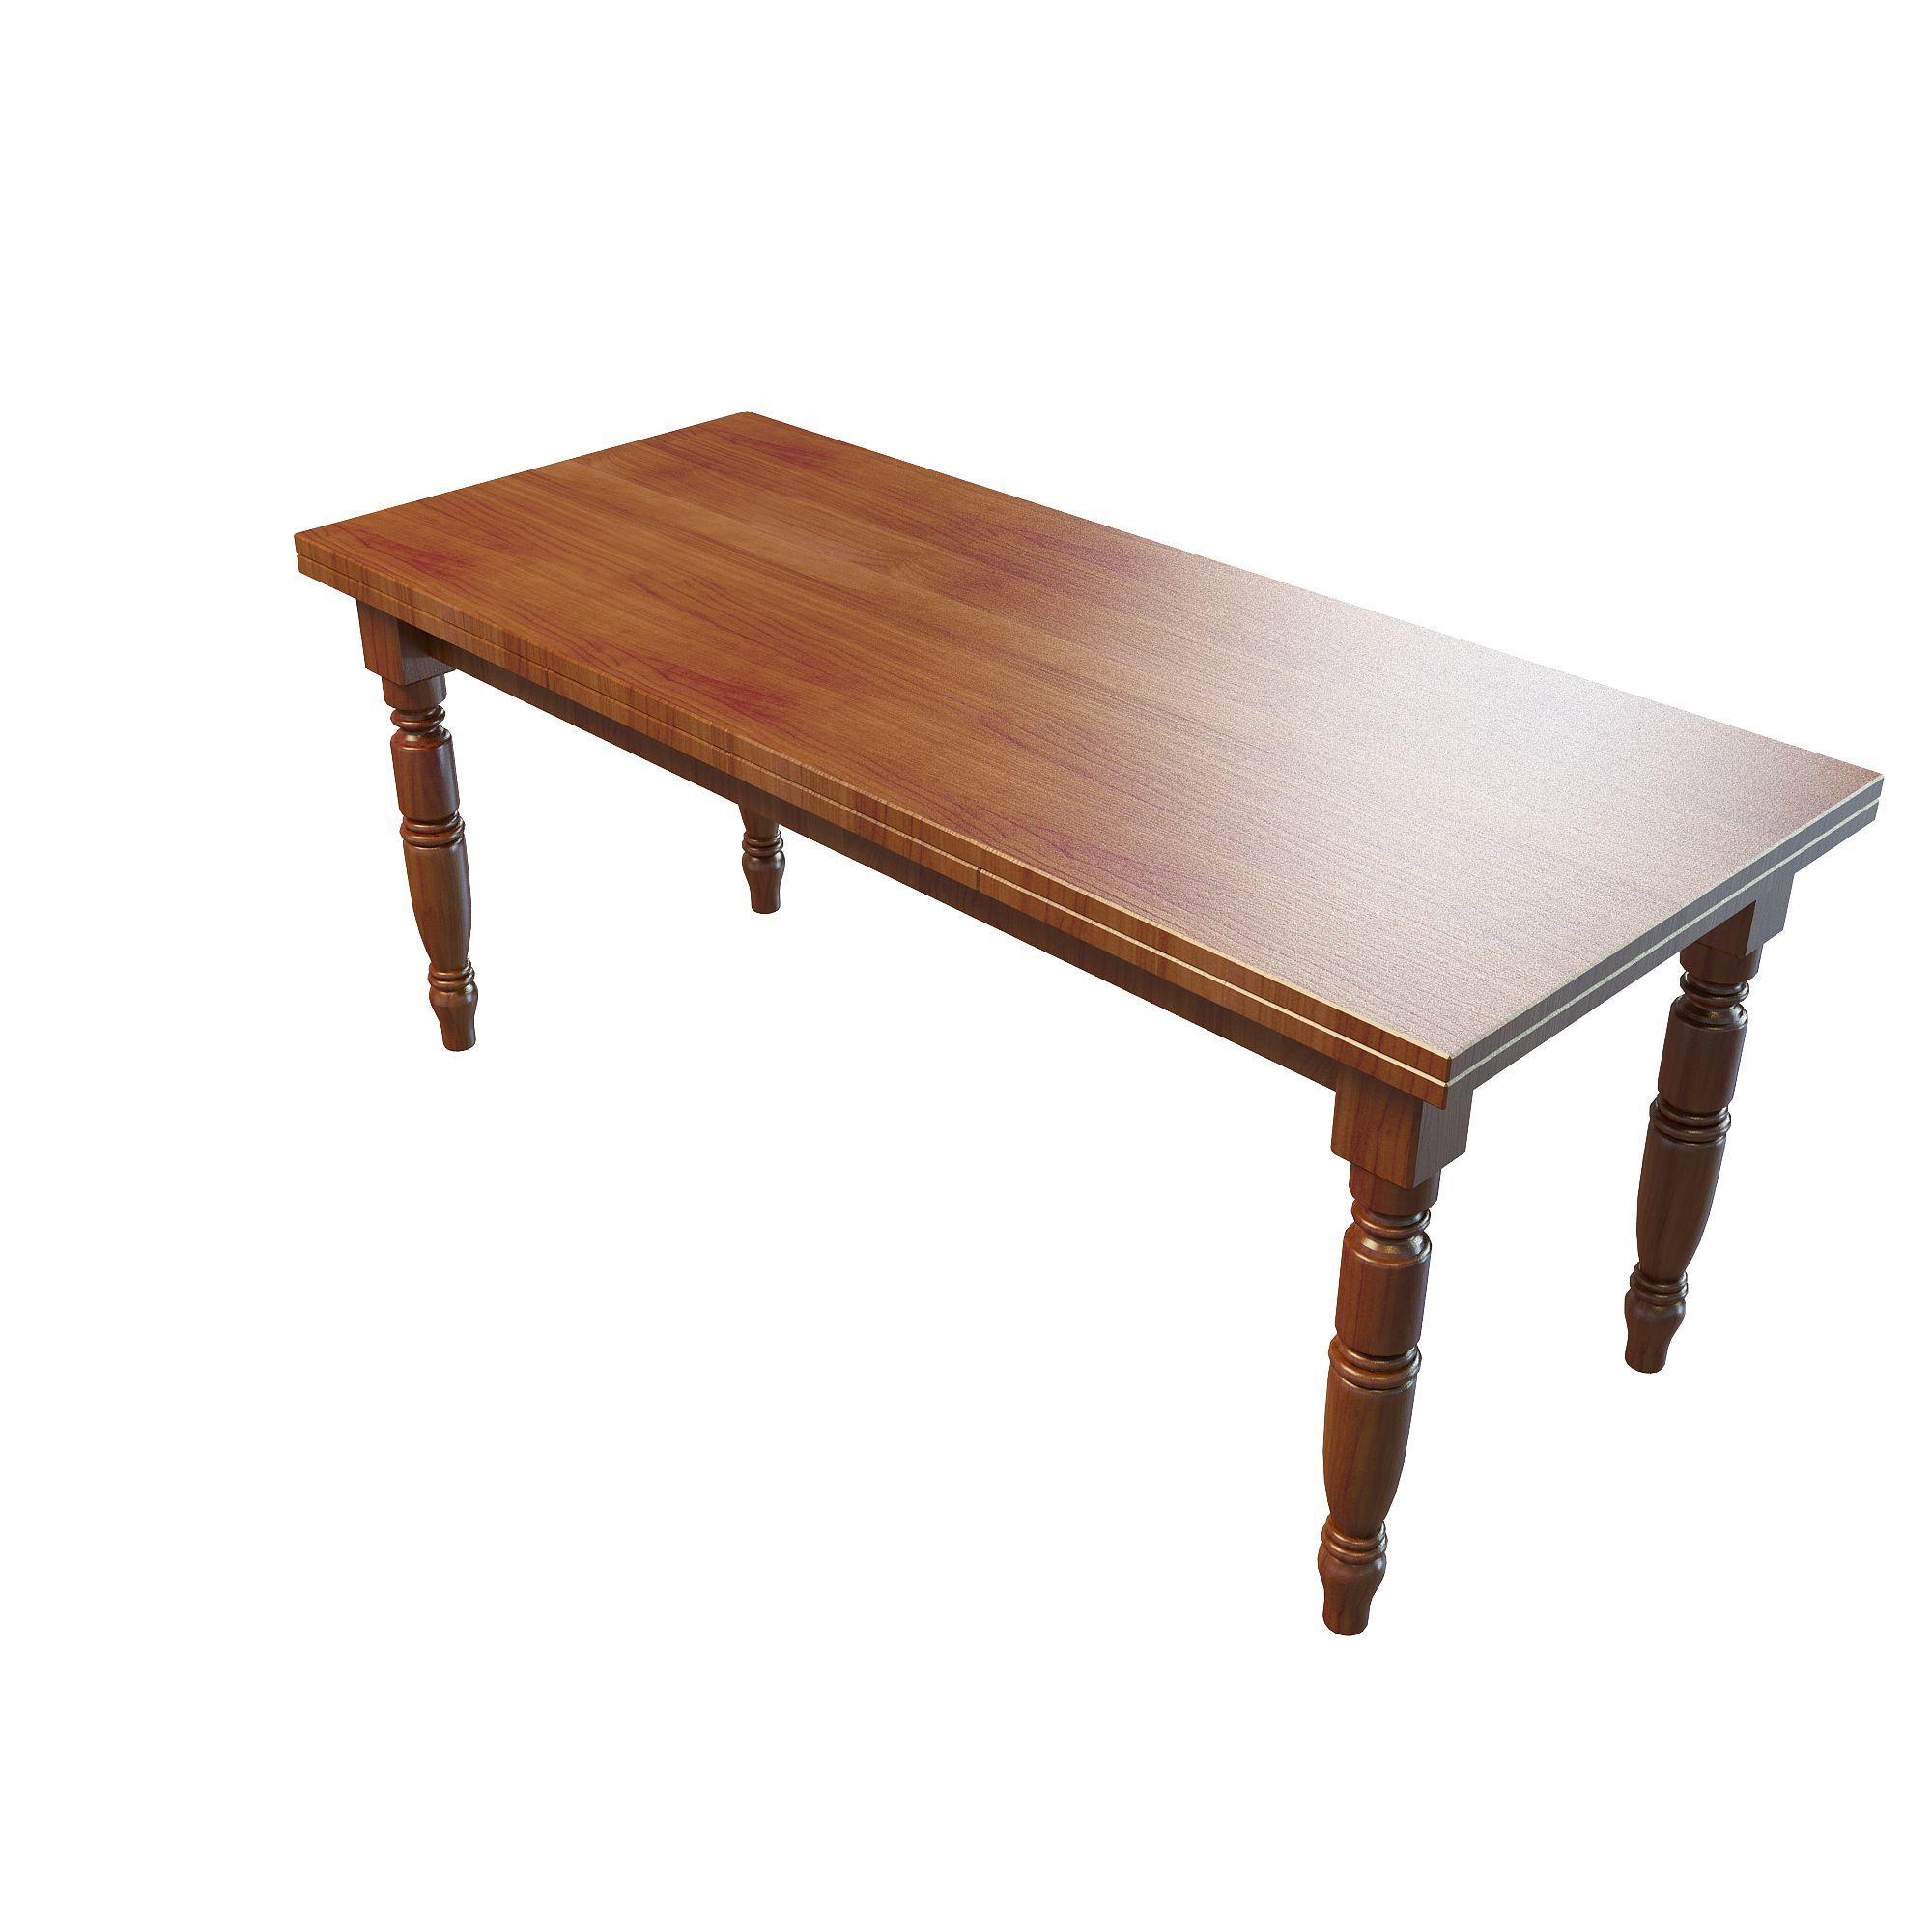 格式 png 风格 欧式 上传时间 2014/09/28  关键词:新桌子3d模型桌子